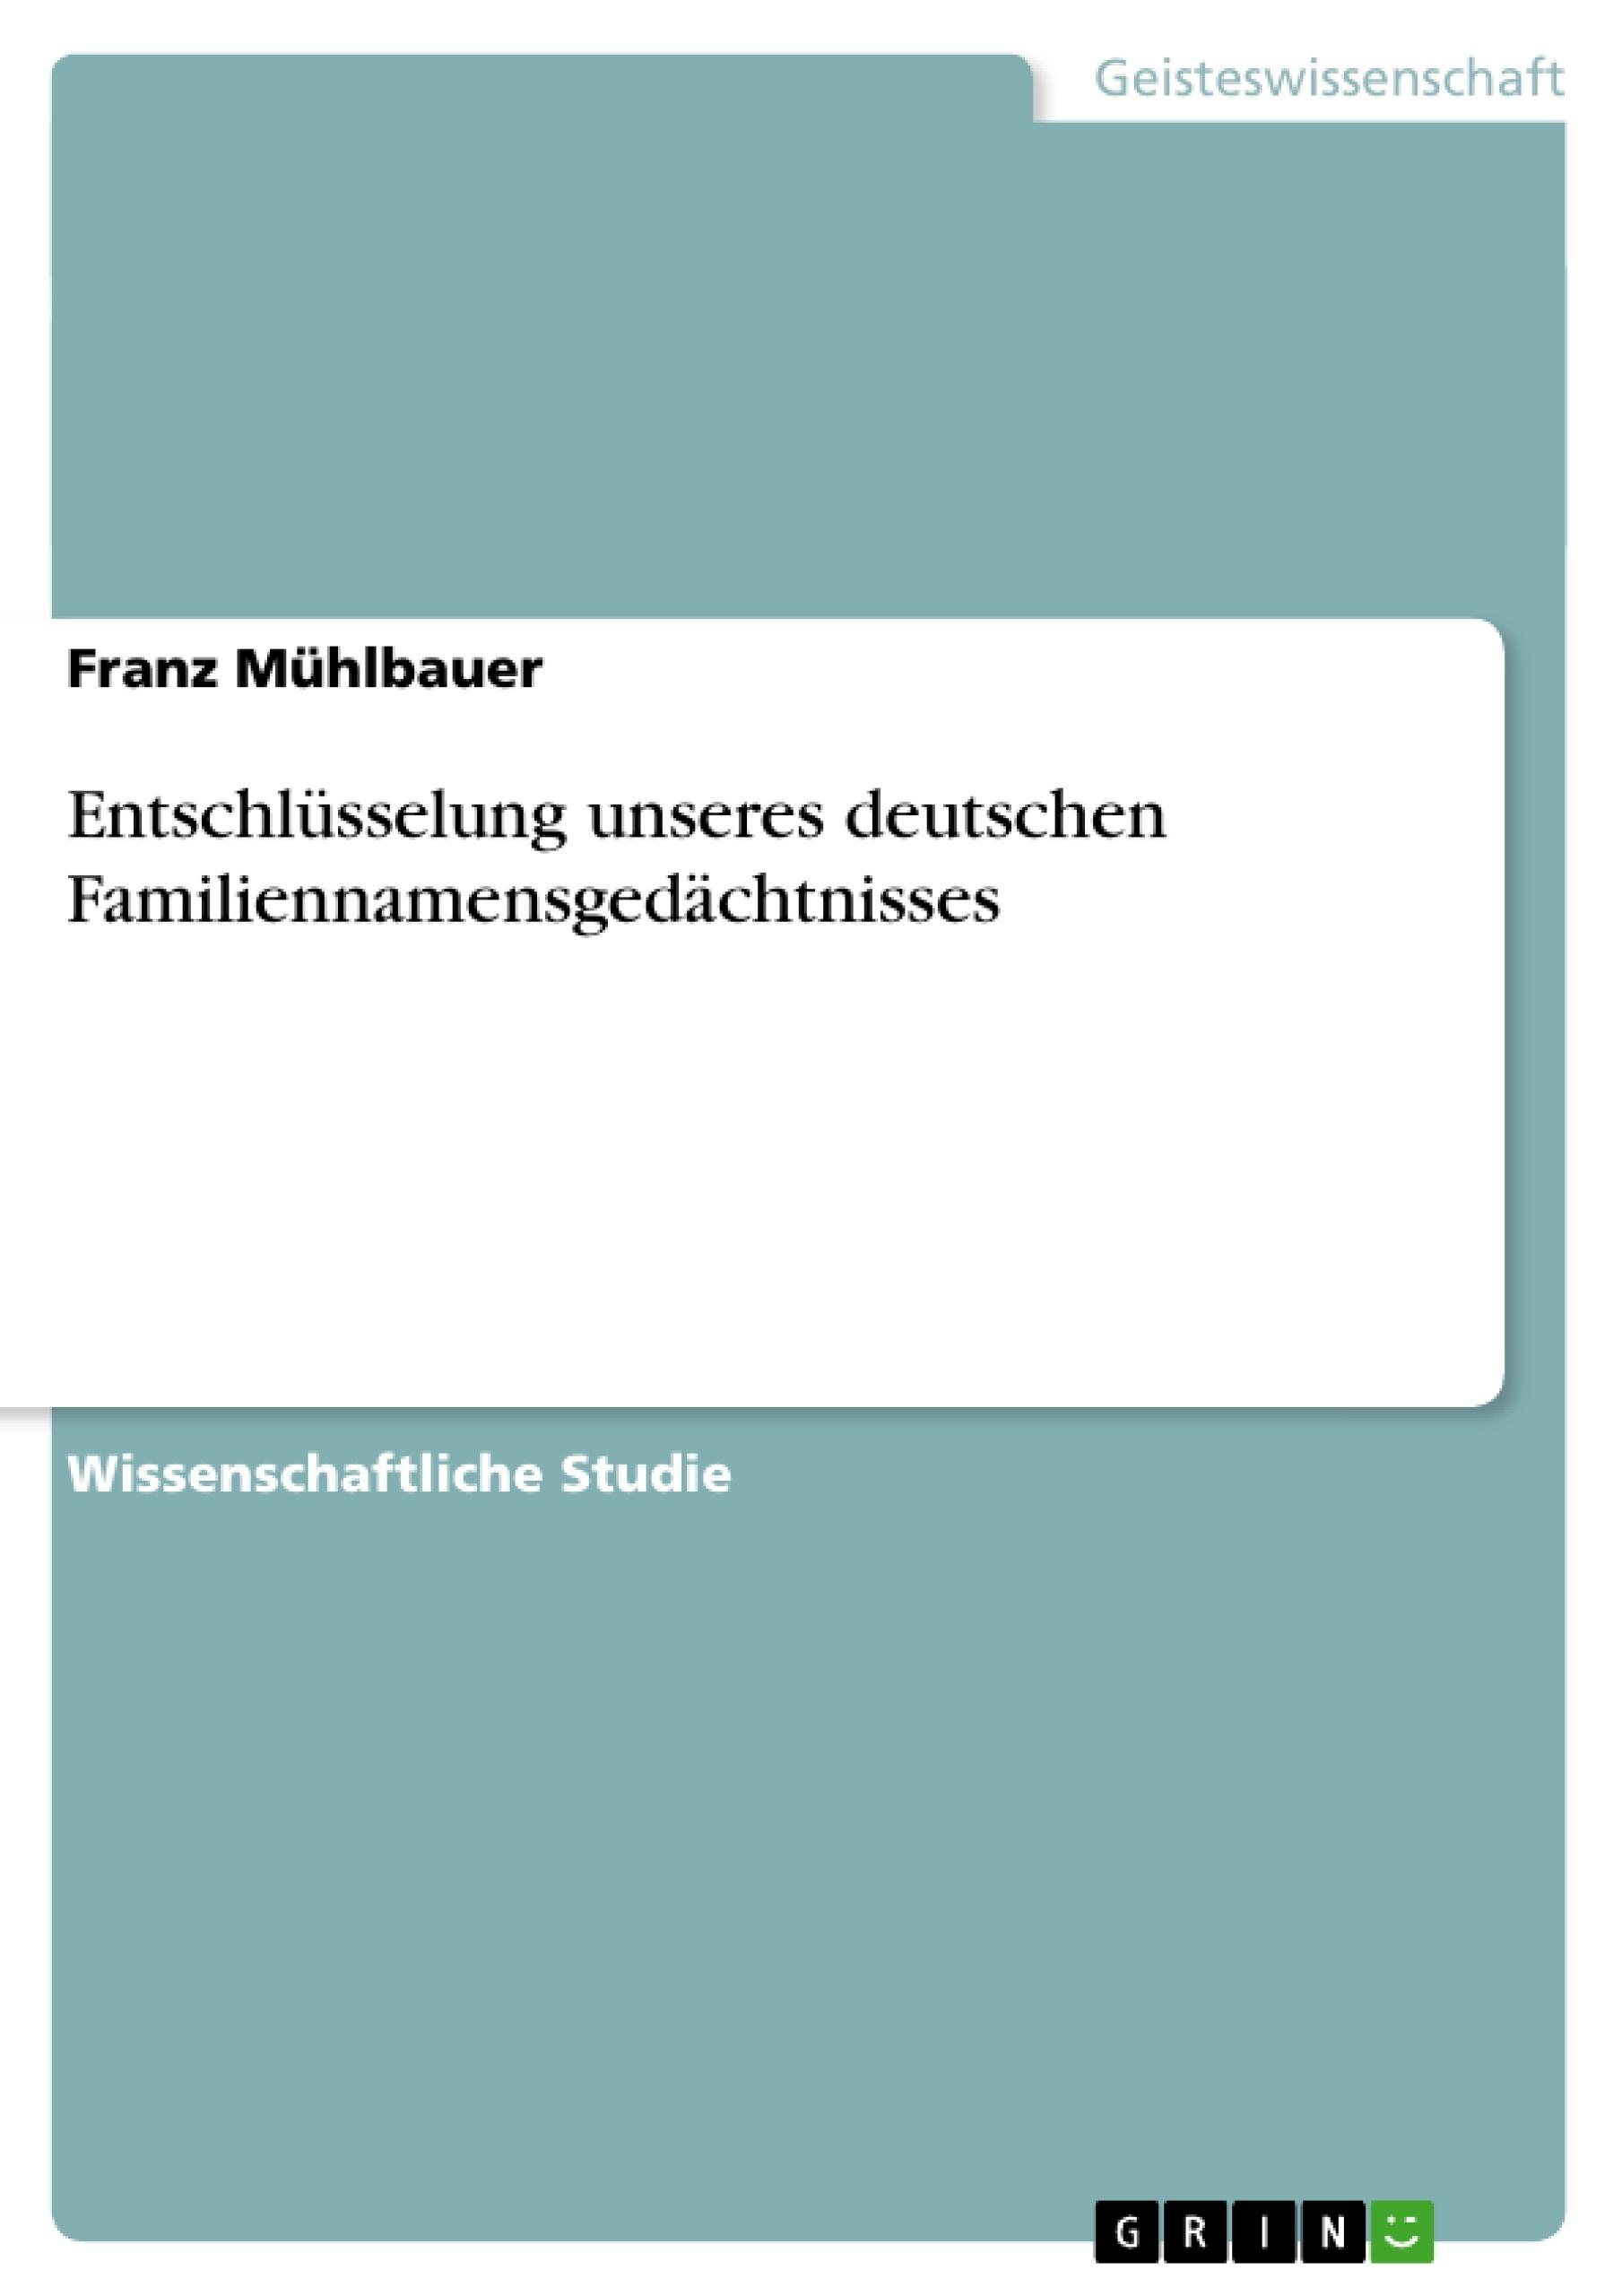 Titel: Entschlüsselung unseres deutschen Familiennamensgedächtnisses